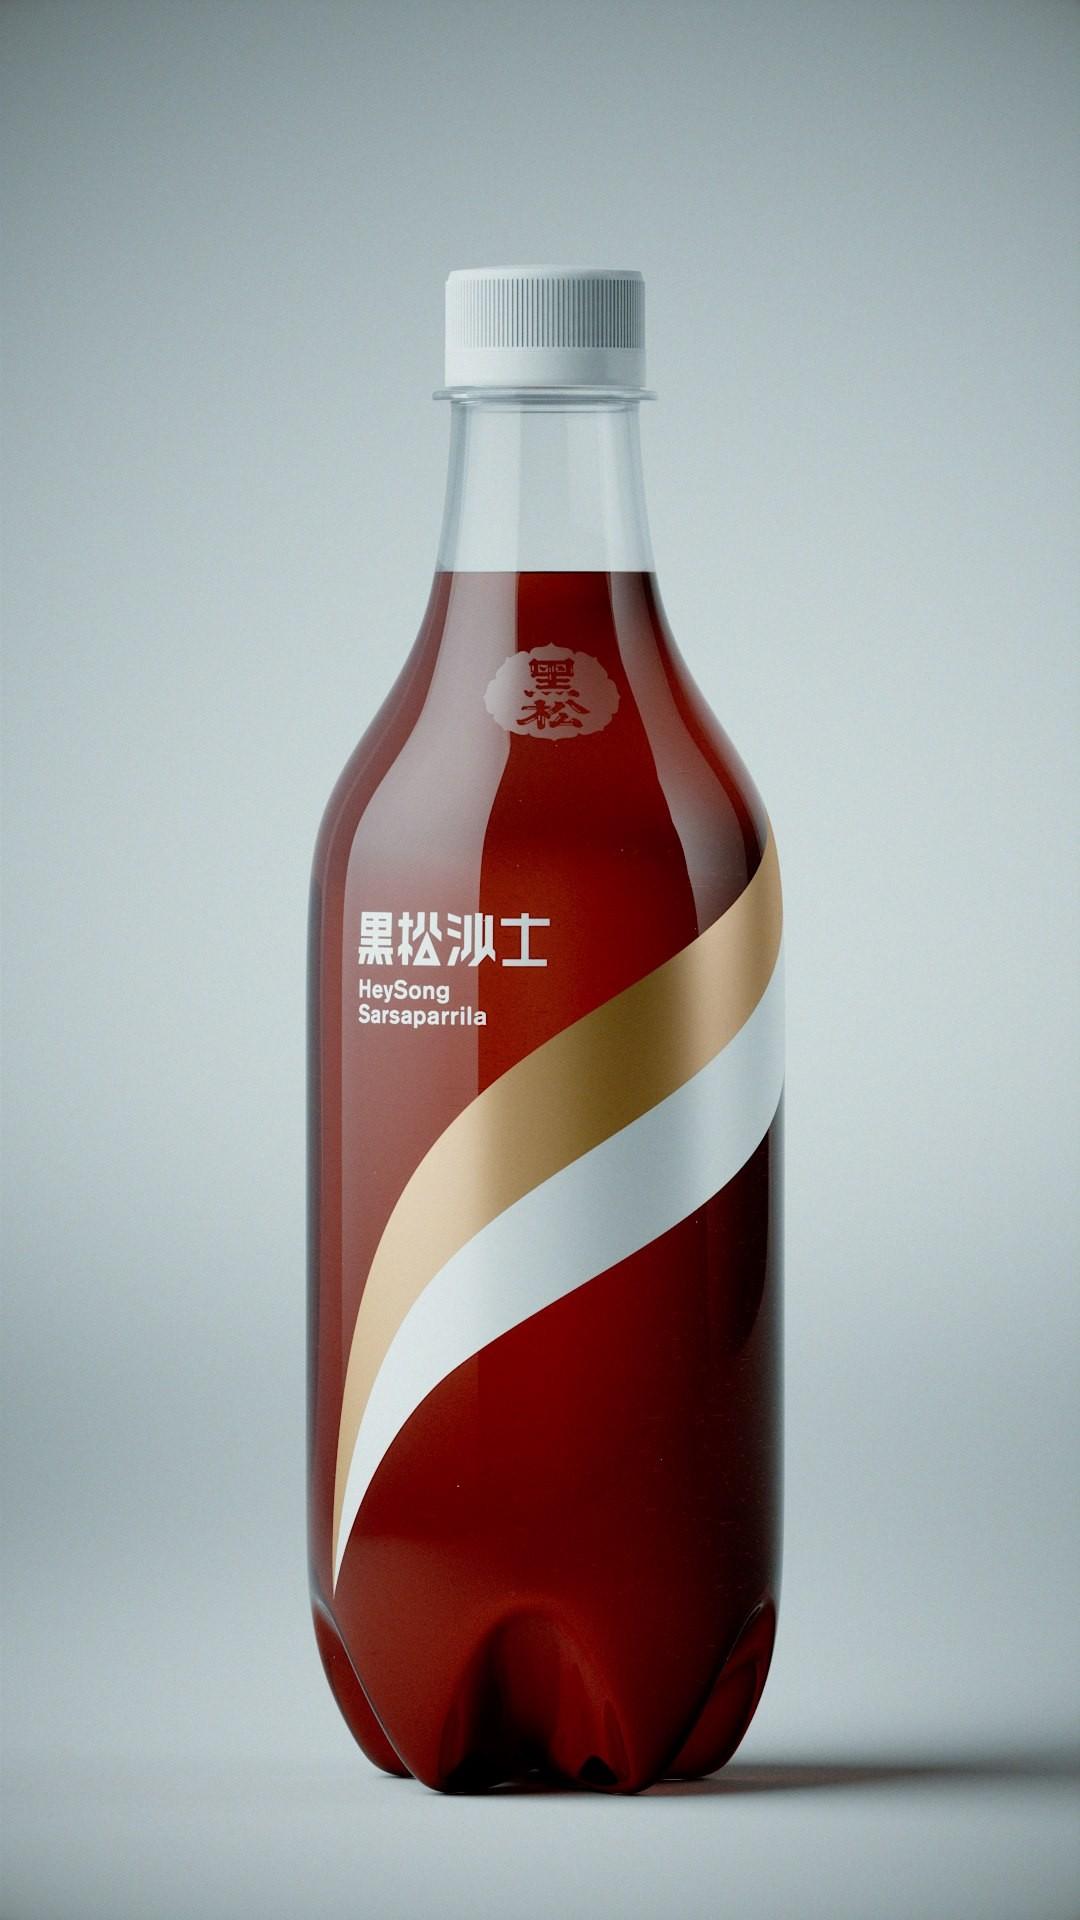 黑松沙士換新裝,品牌再造該考慮的三大面向 - 華安 - ceo.lin的博客